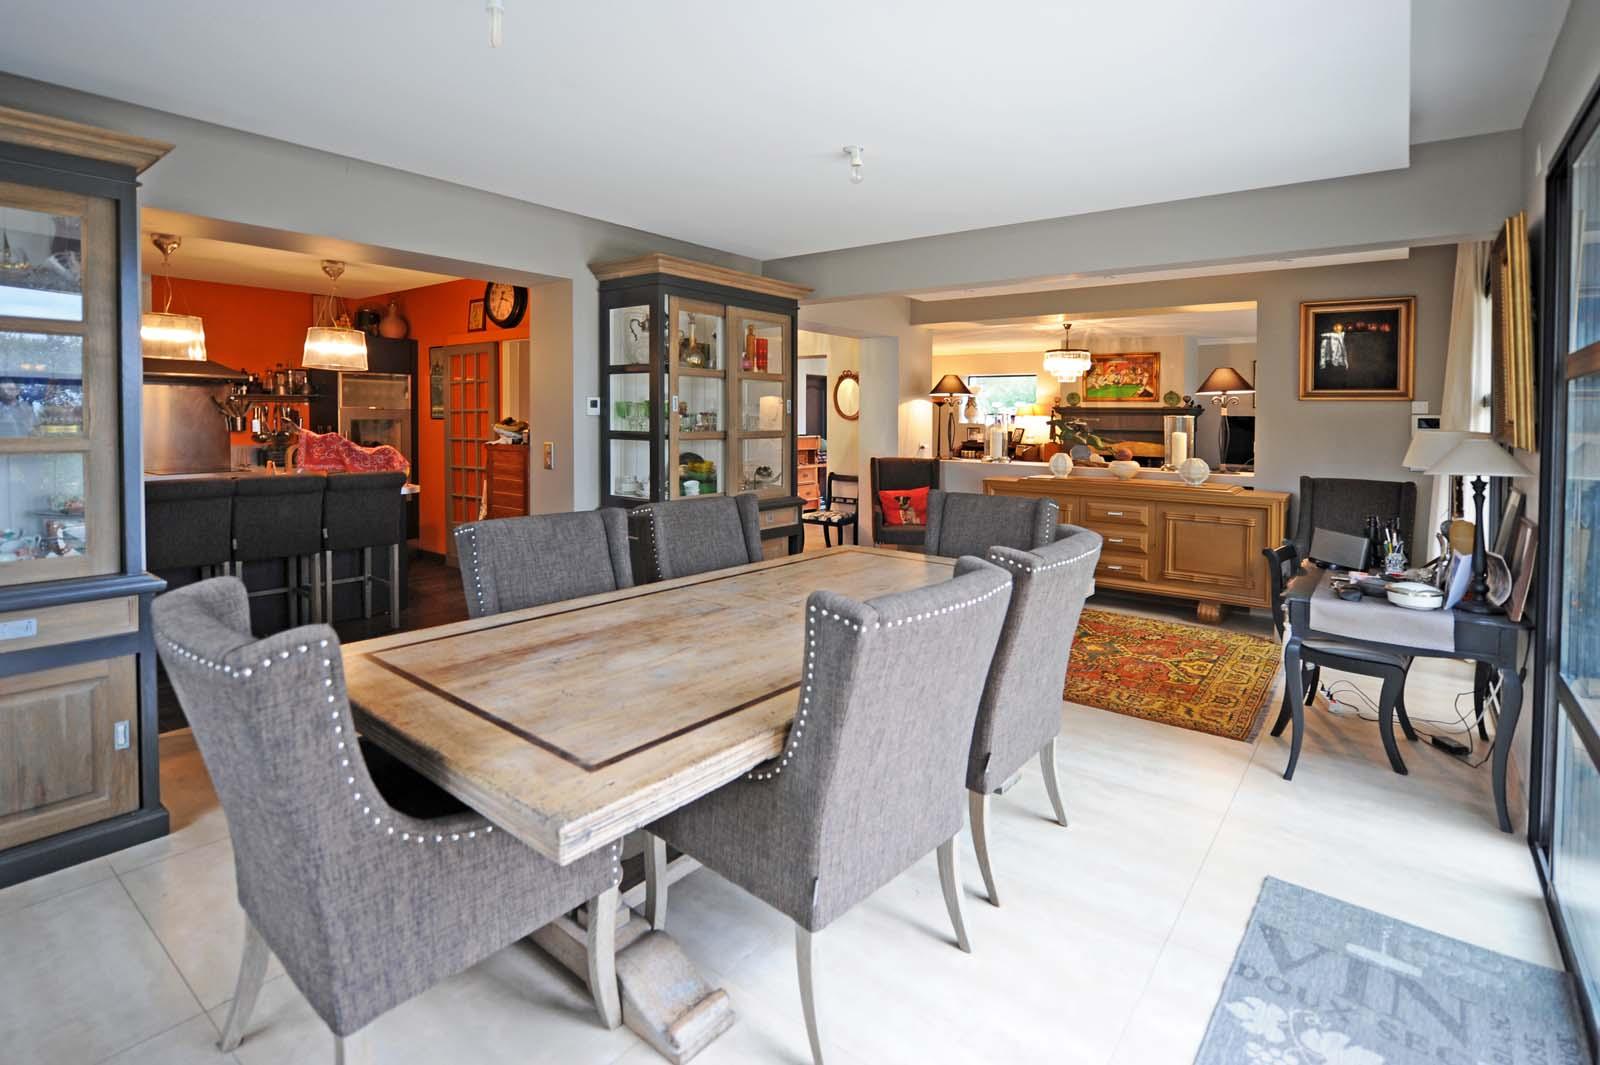 A vendre en Comtat Venaissin,  villa contemporaine avec terrasses et piscine